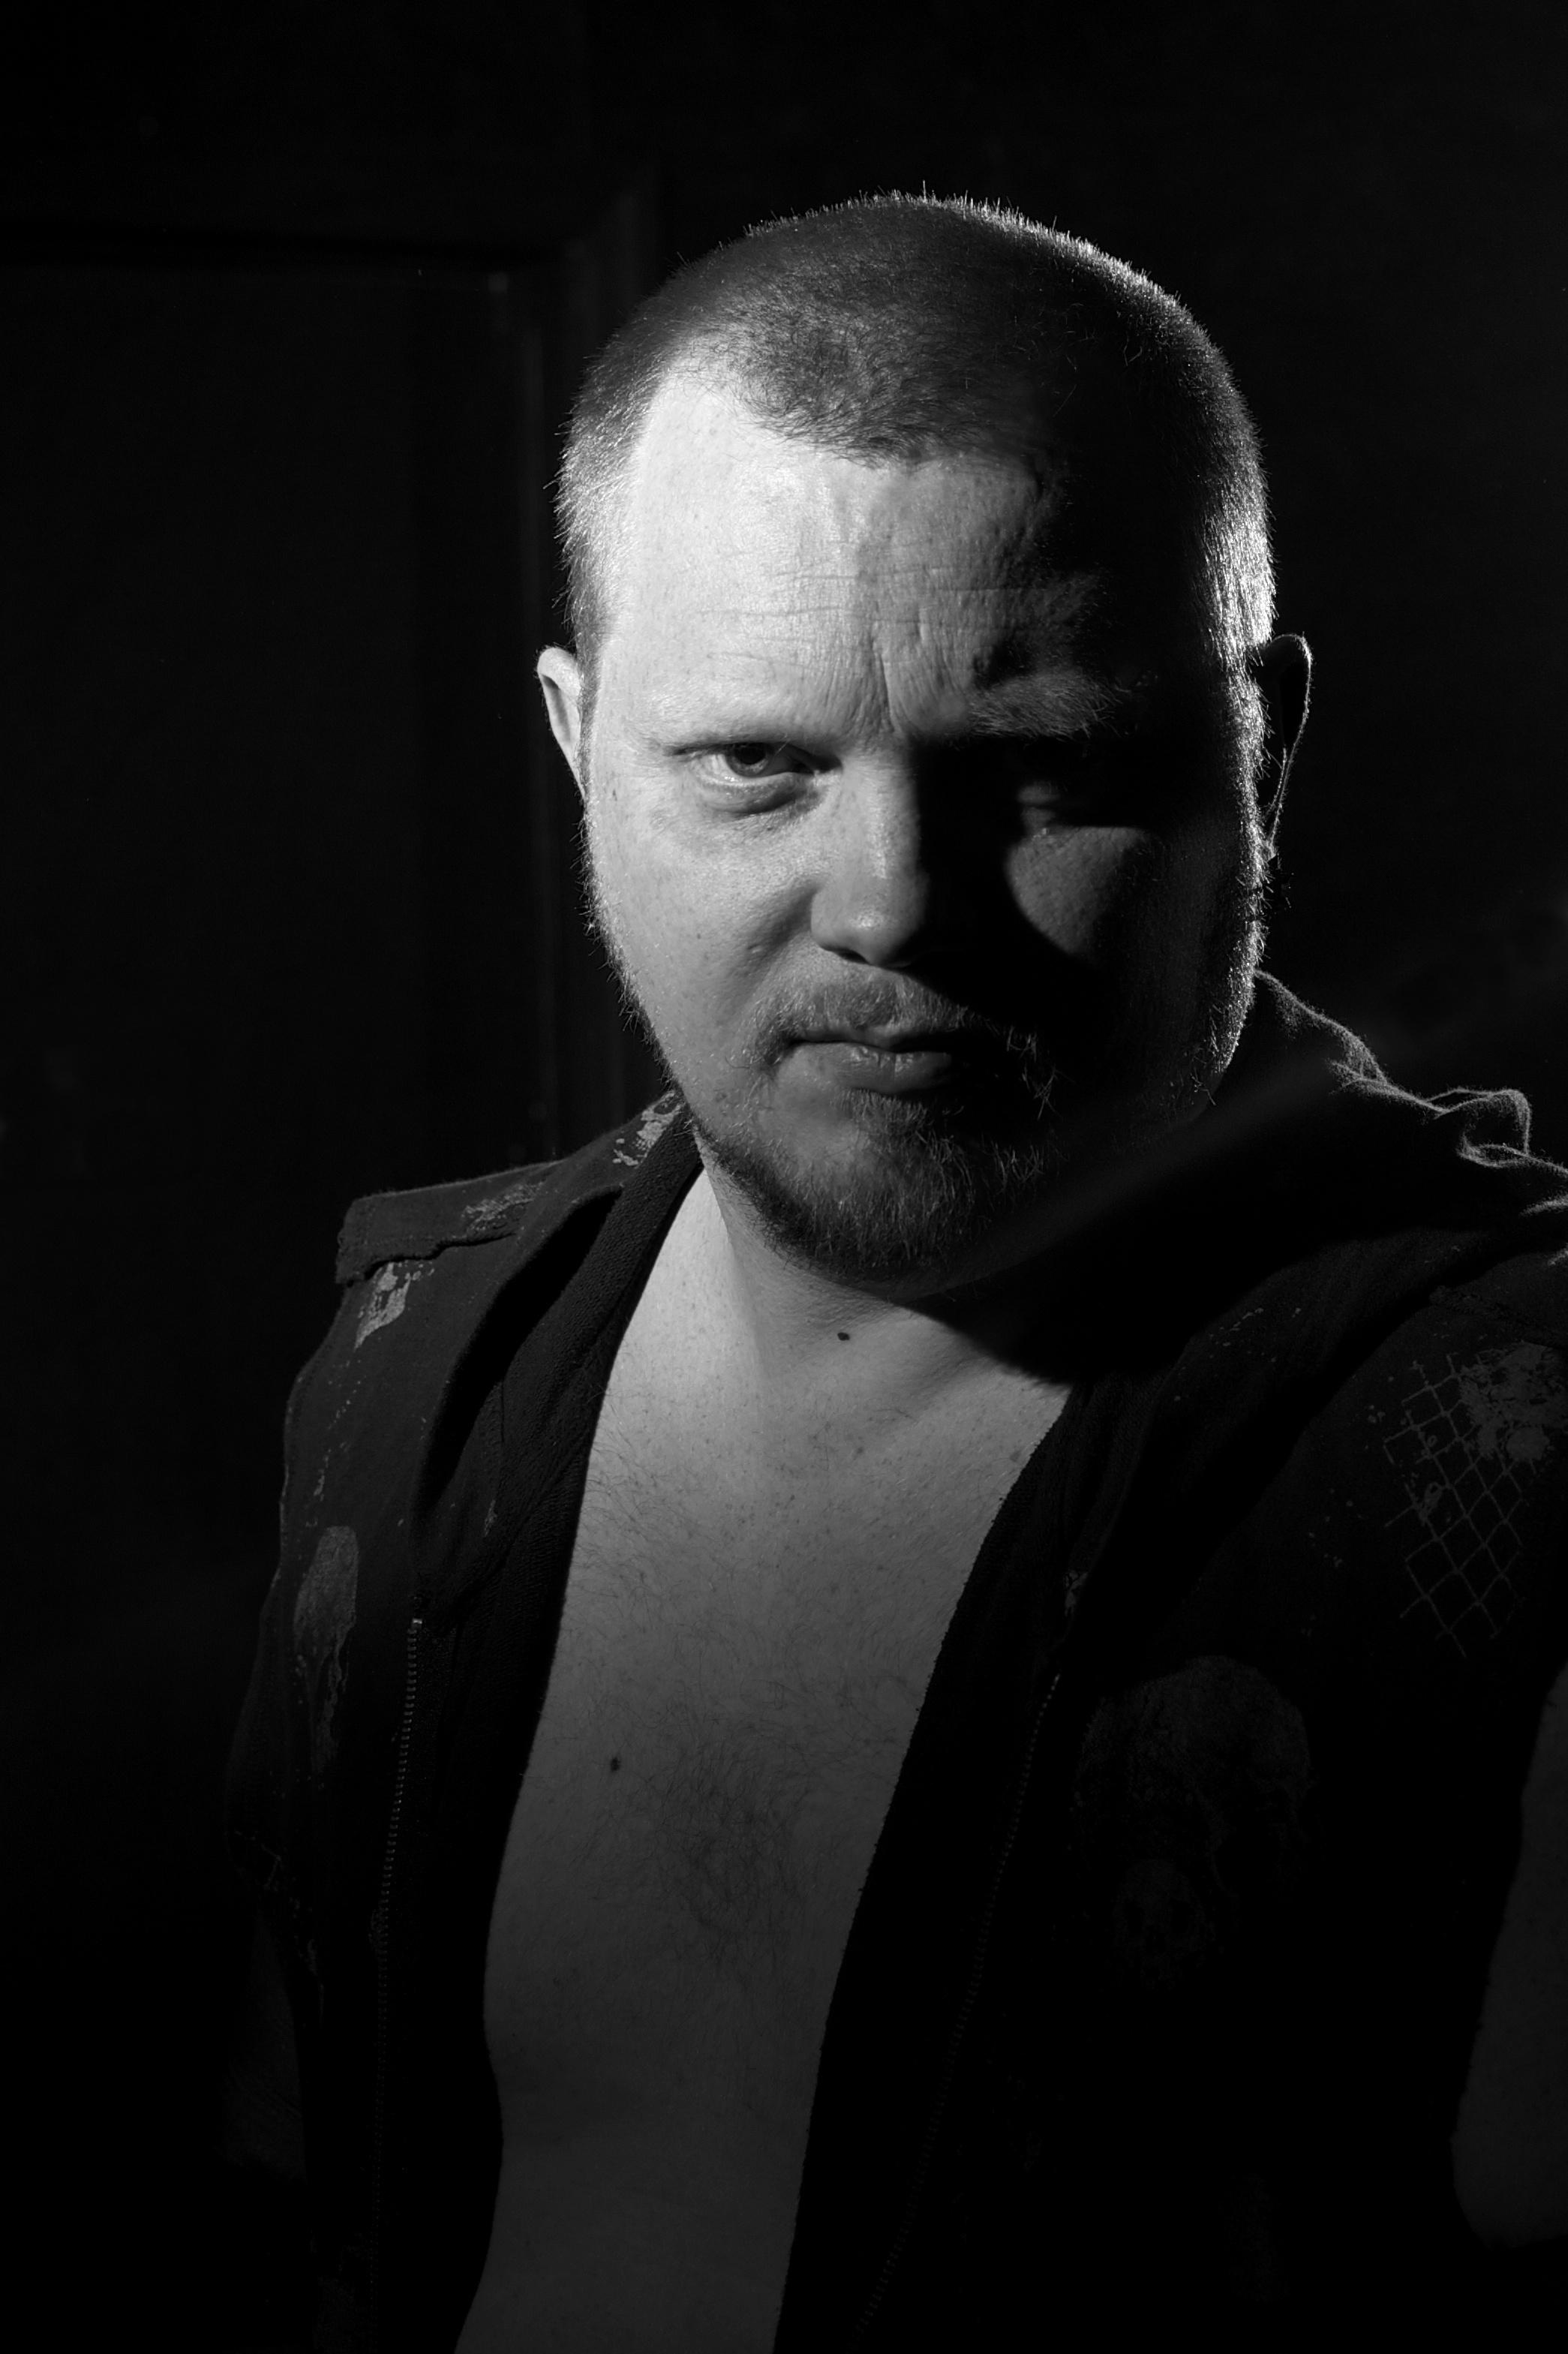 Toy Dodson - Pro Wrestler